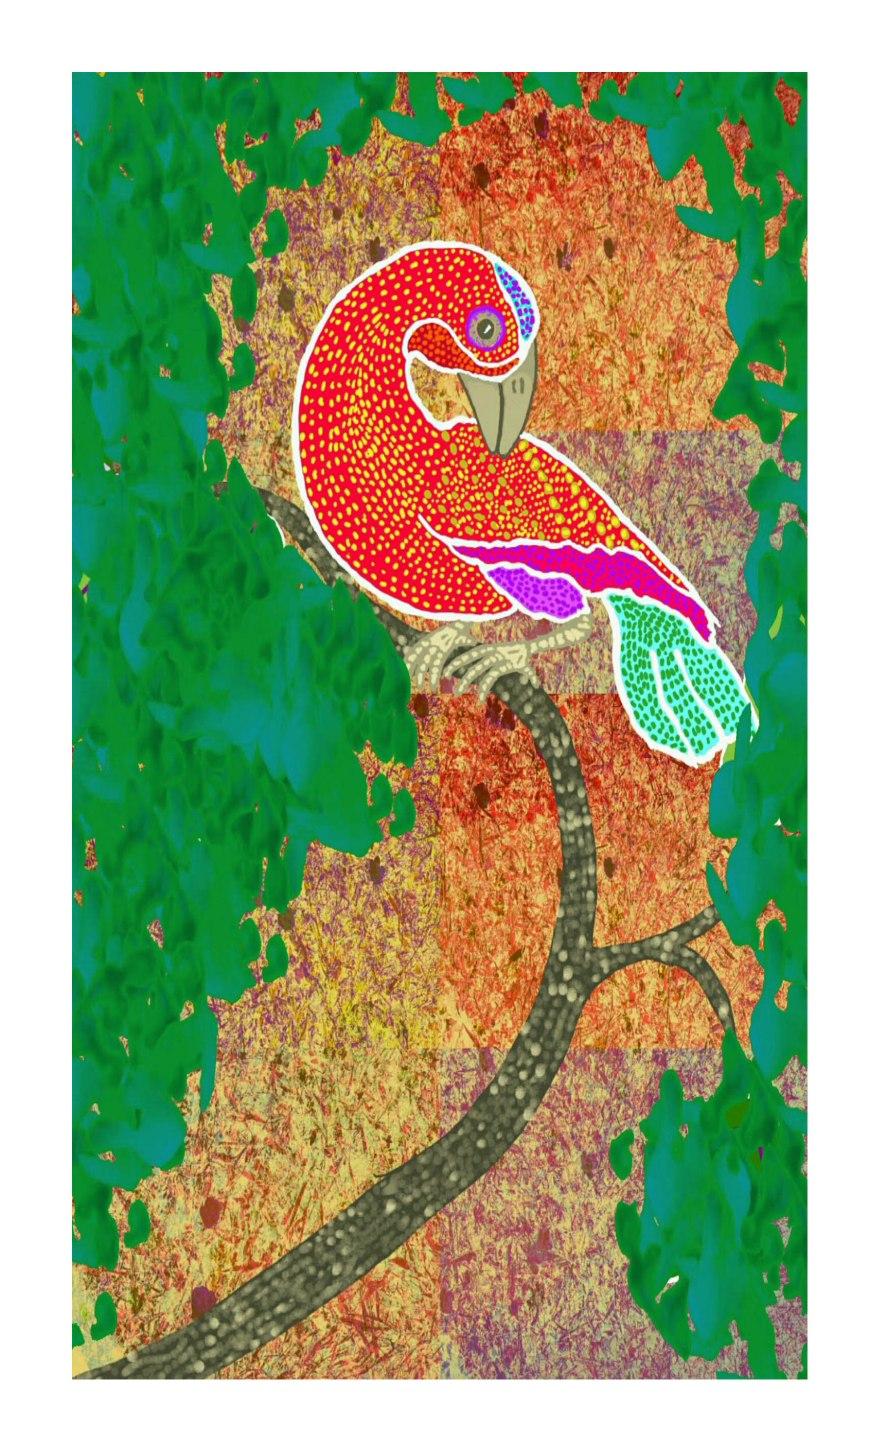 Tingatinga bird